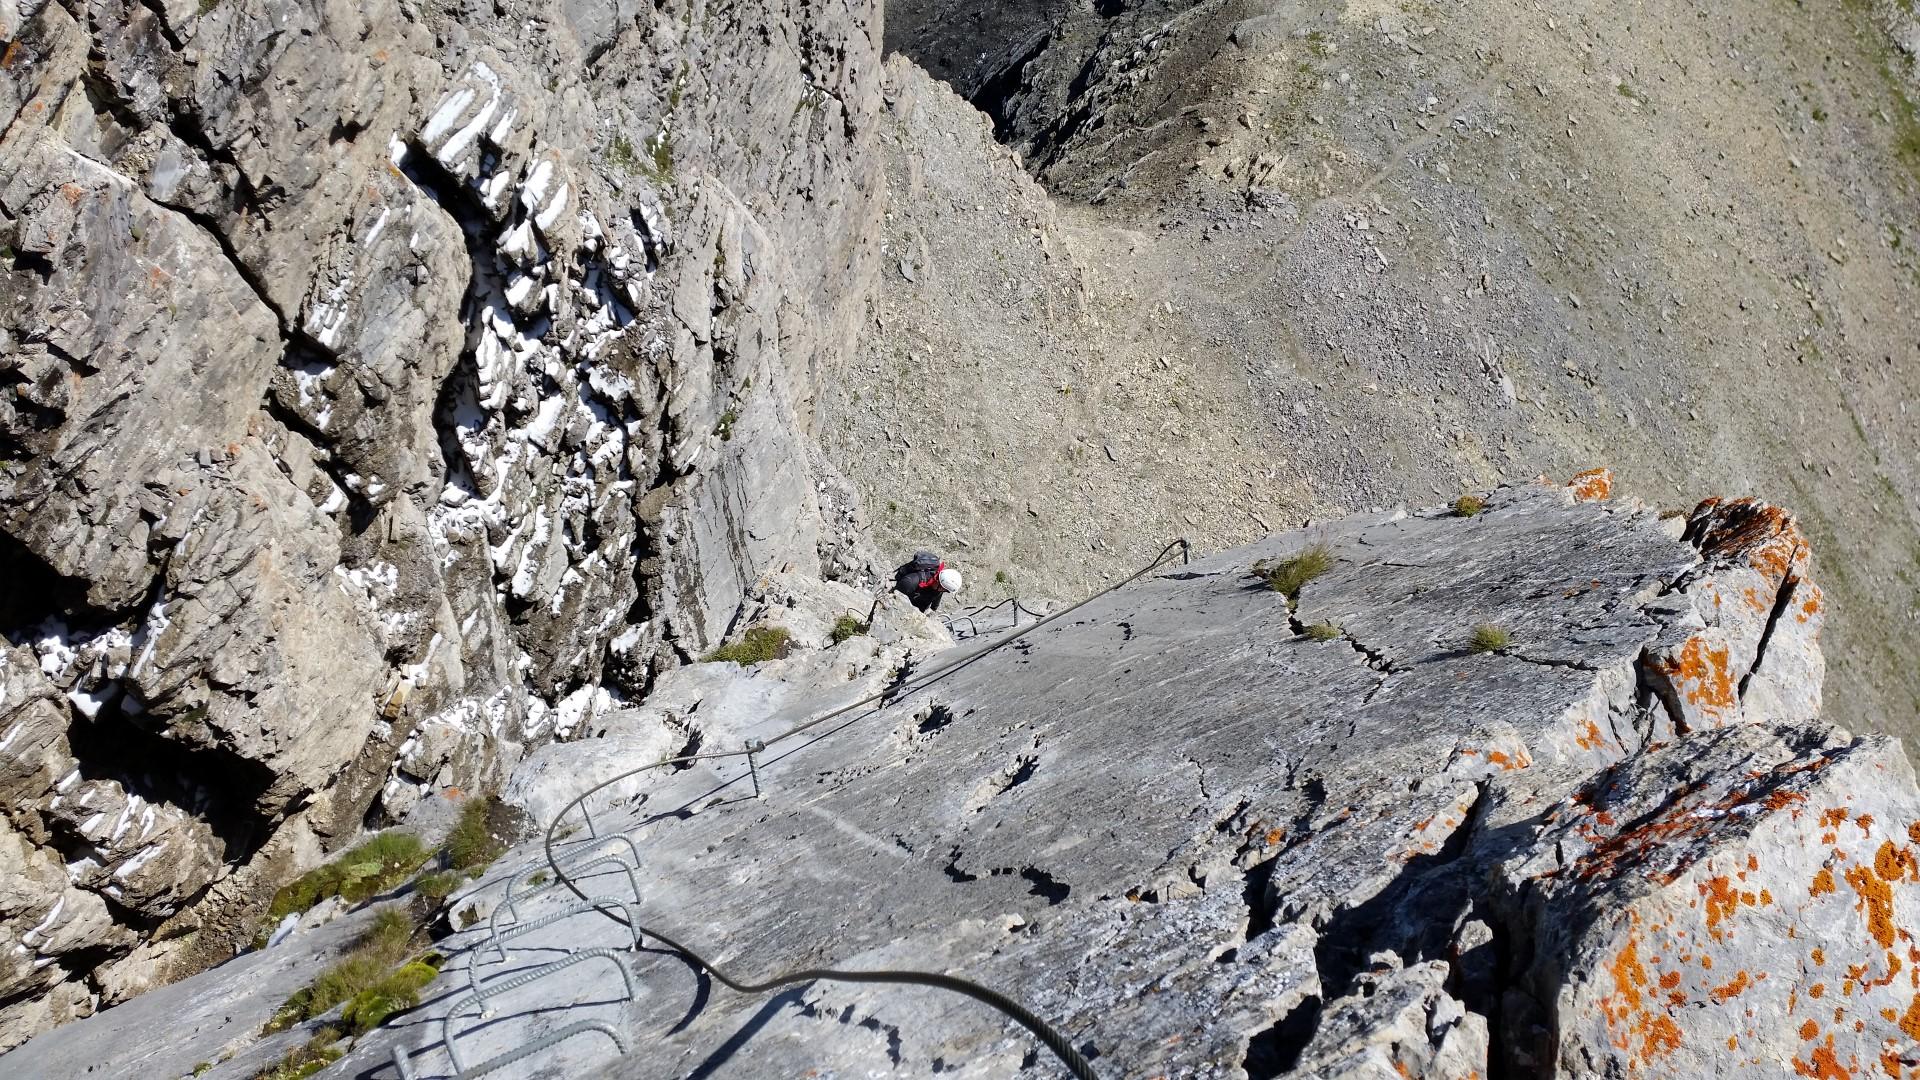 Klettersteig Graustock : Klettersteig graustock u berggeissli